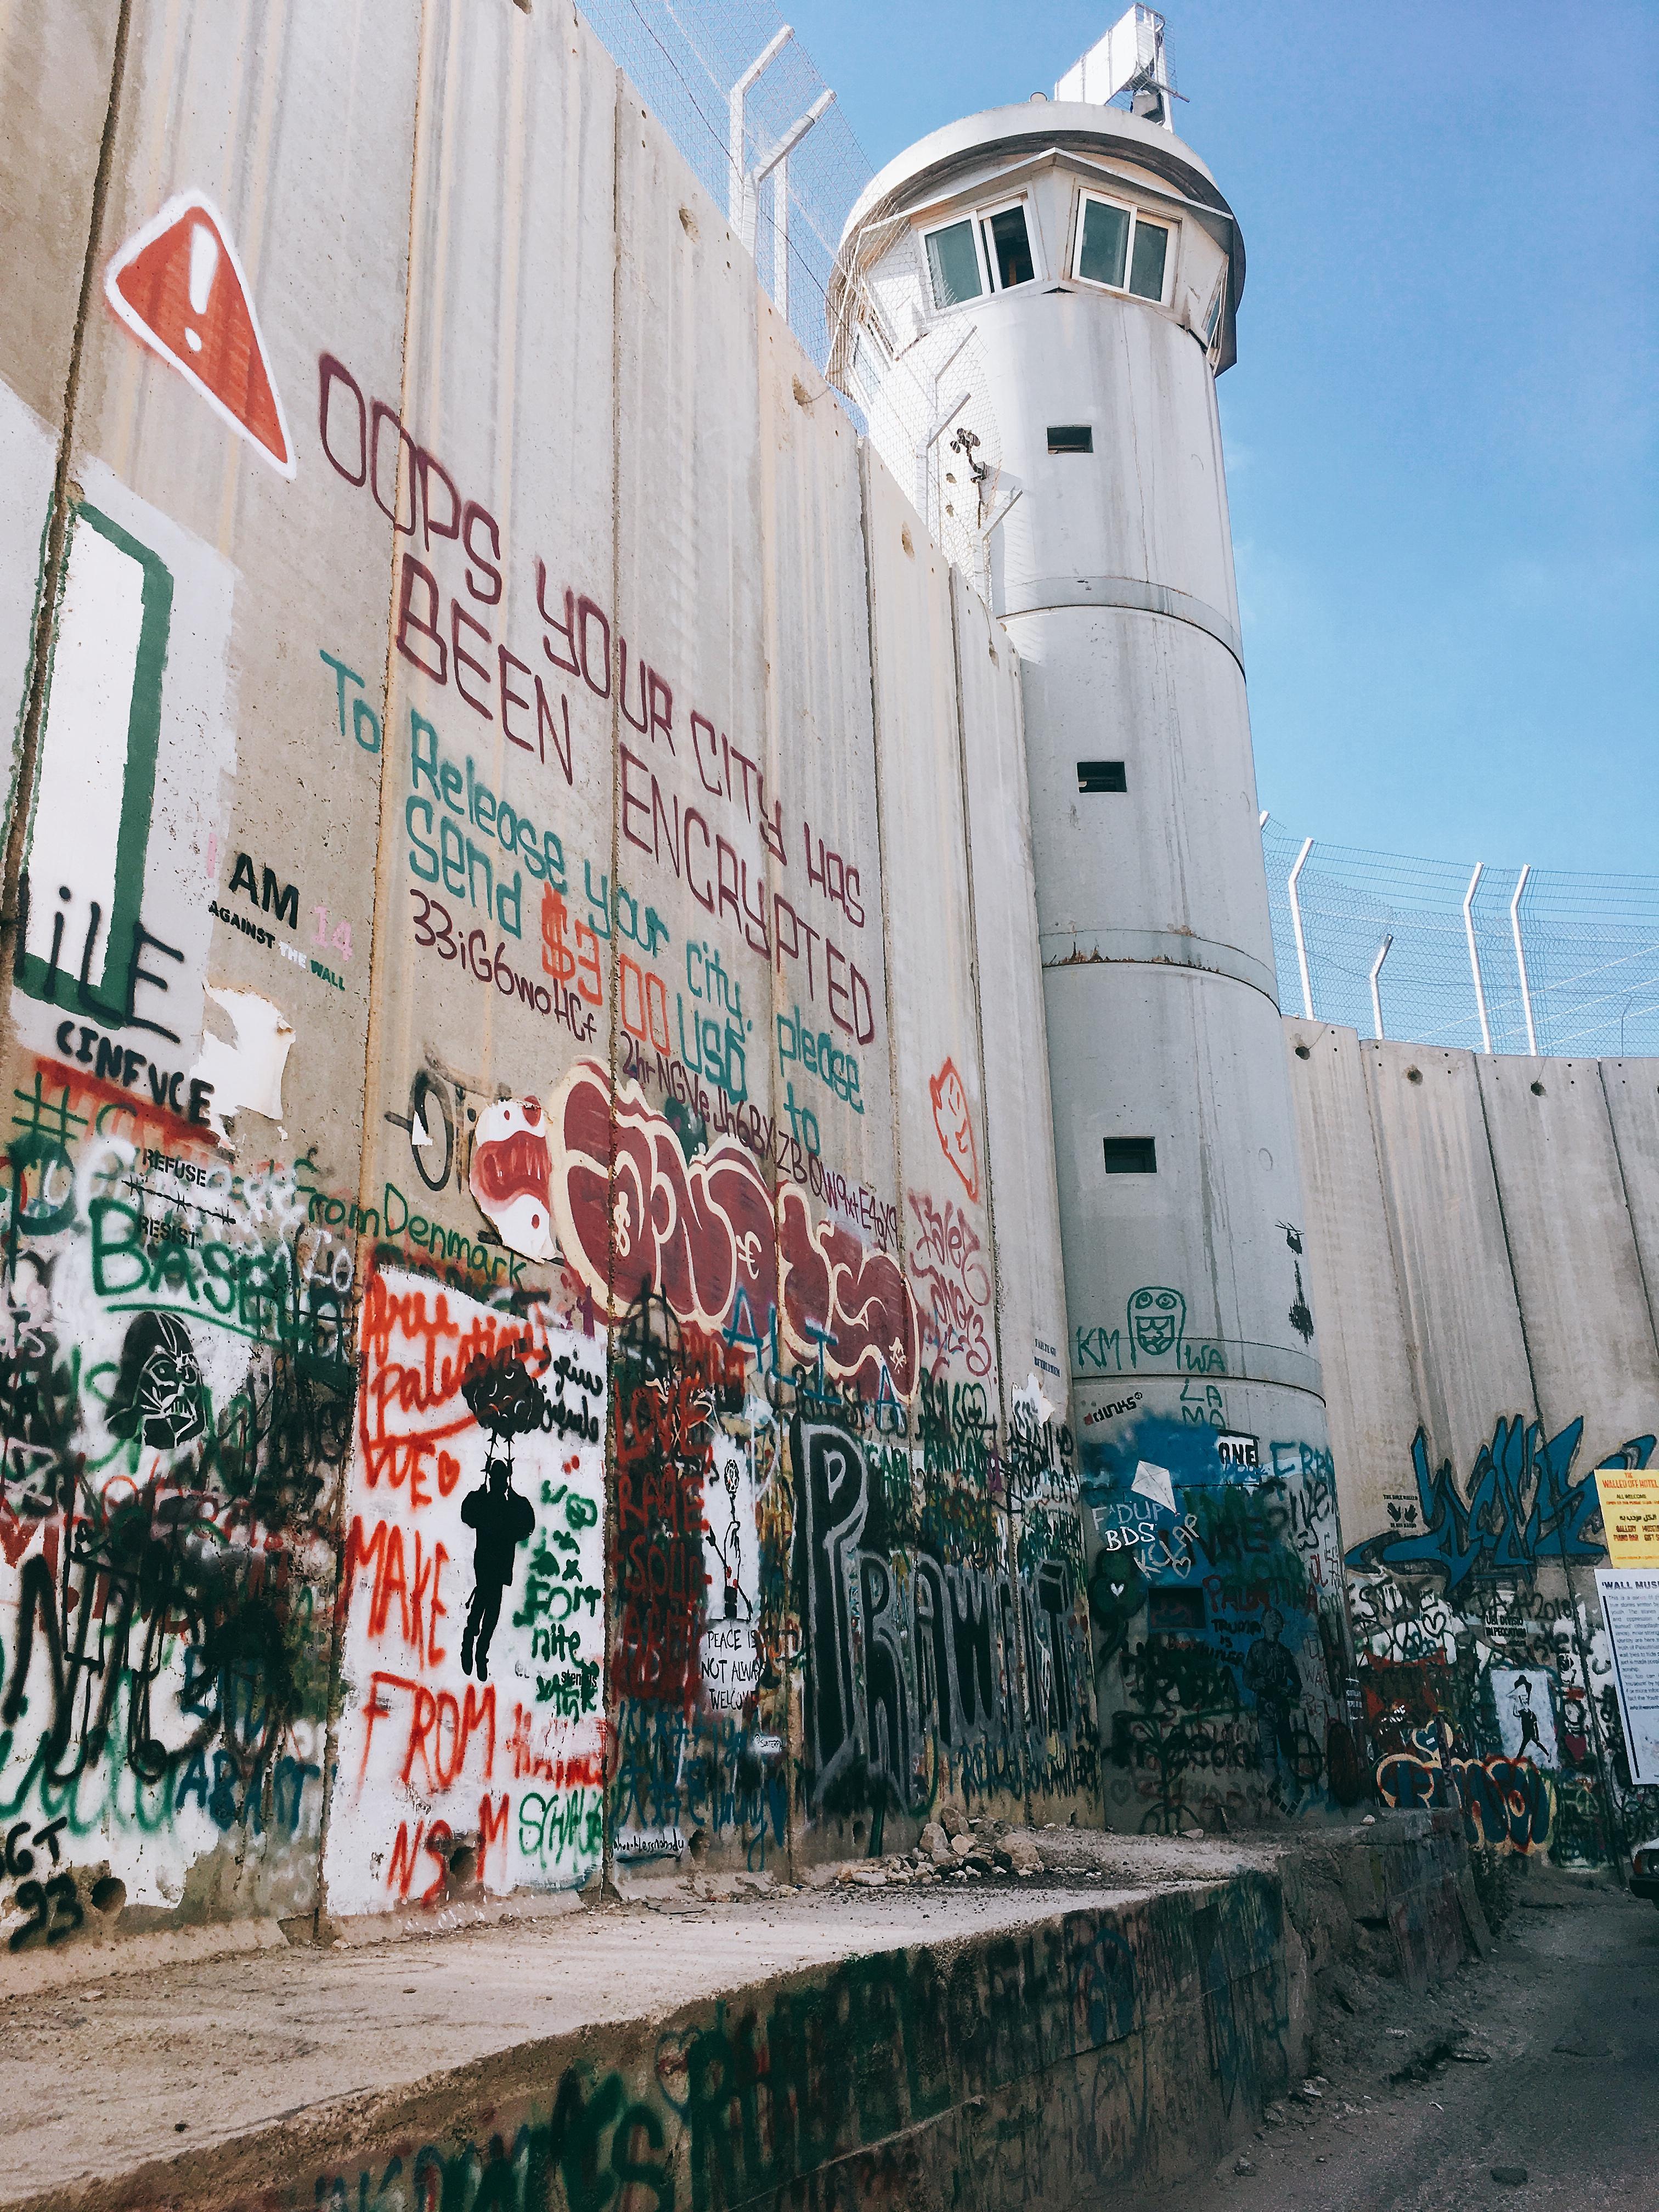 image2 - そもそも、イスラエル・パレスチナ問題とは【長期連載〜パレスチナの今〜第3回】